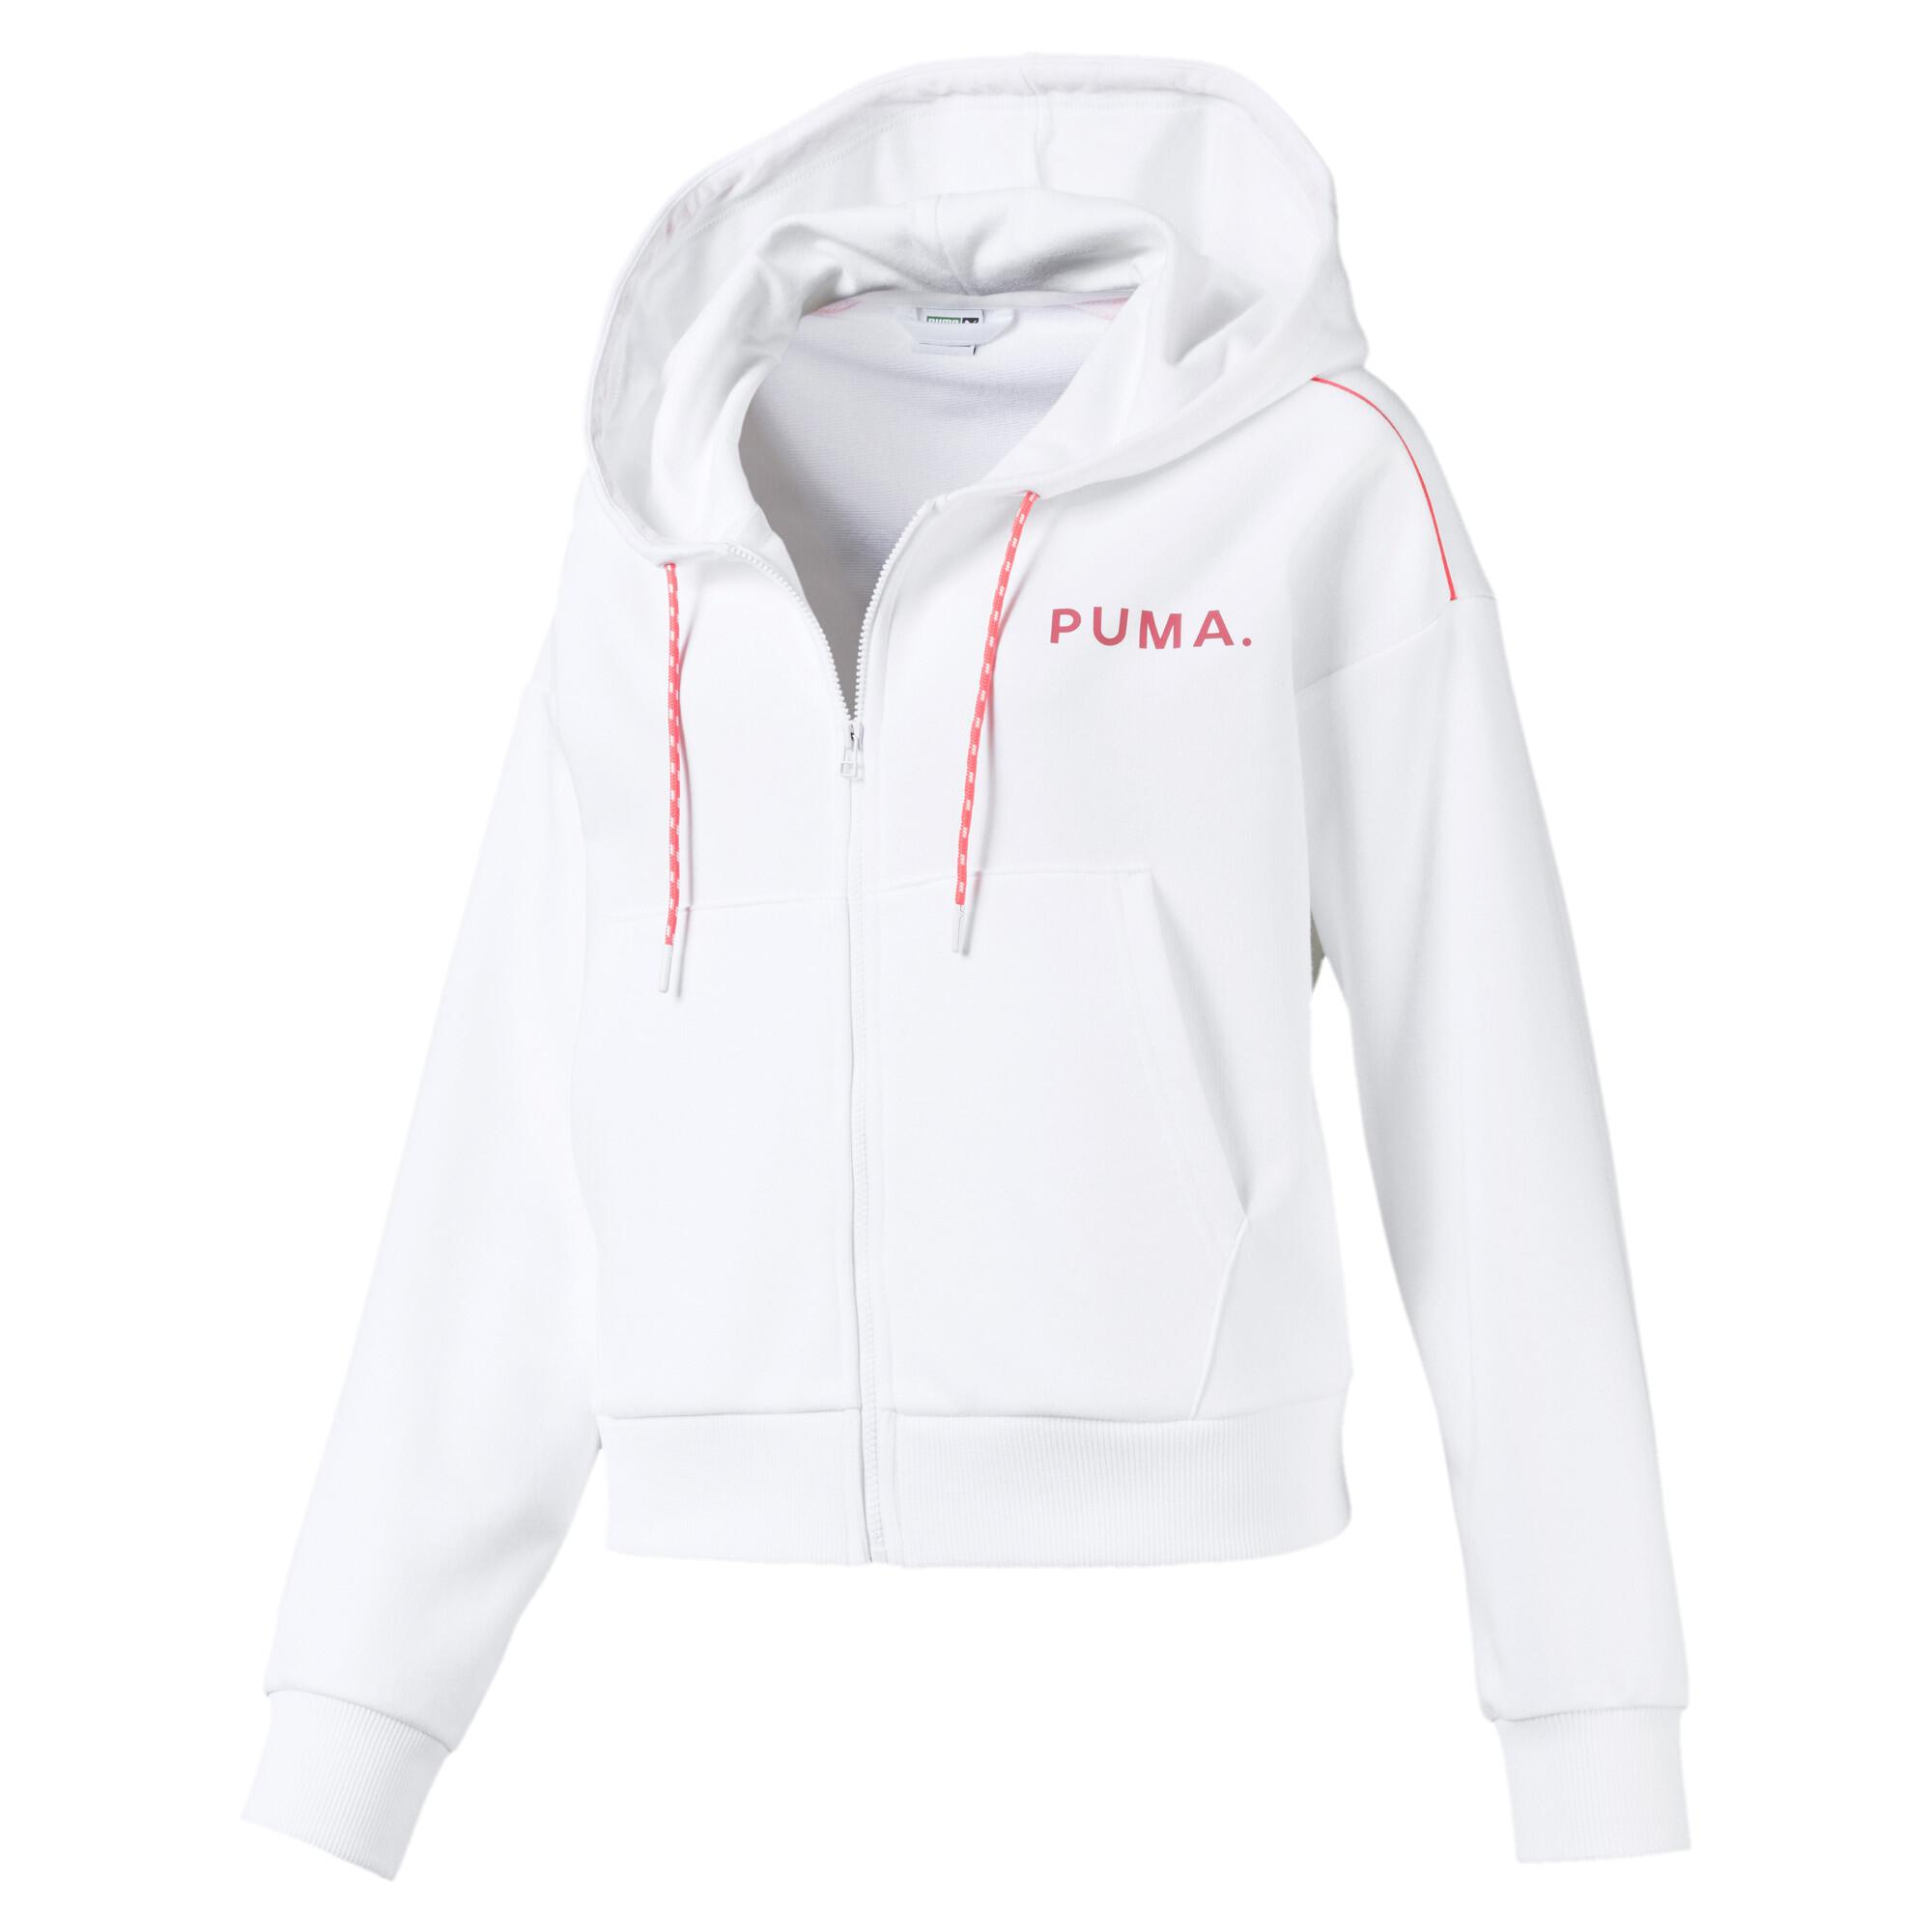 プーマ CHASE ウィメンズ クロップド フーデッドジャケット ウィメンズ Puma White |PUMA.com